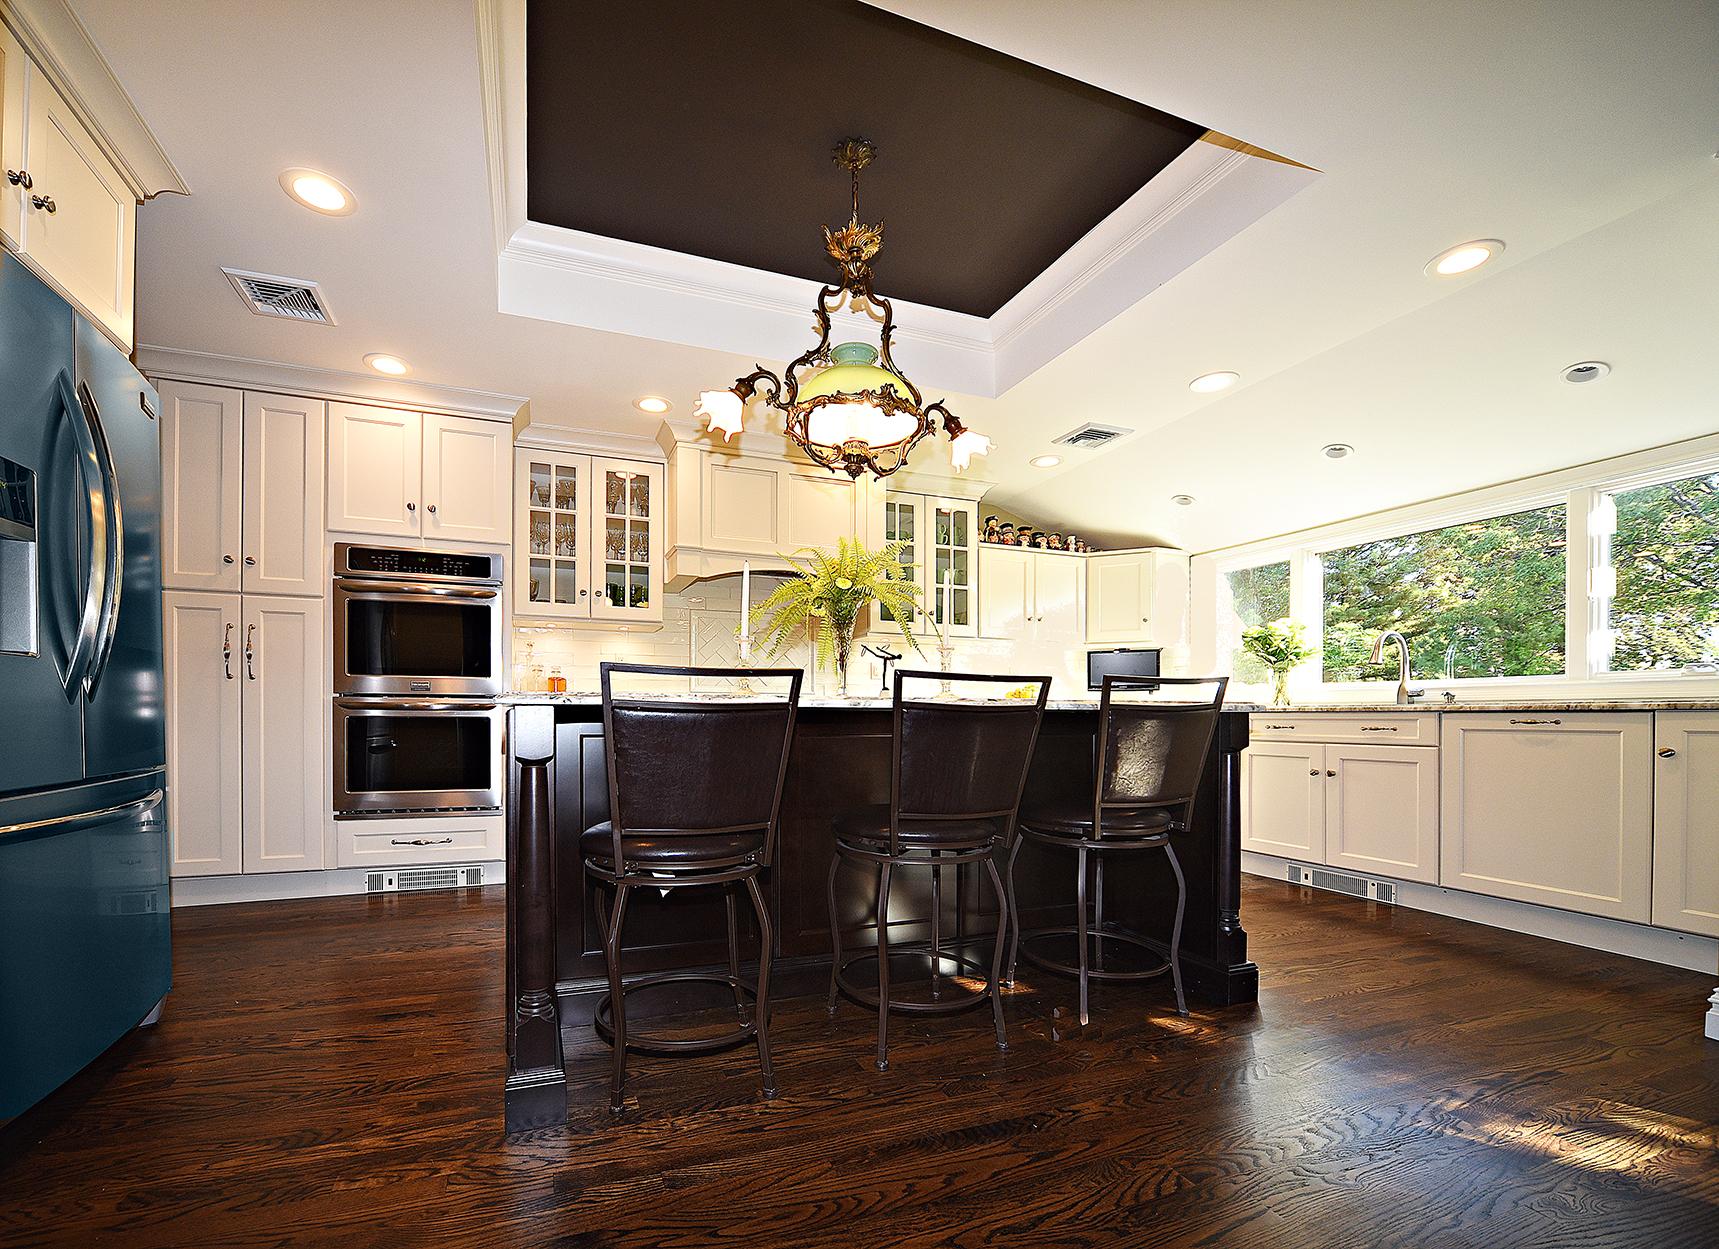 kitchen-1 copy.jpg